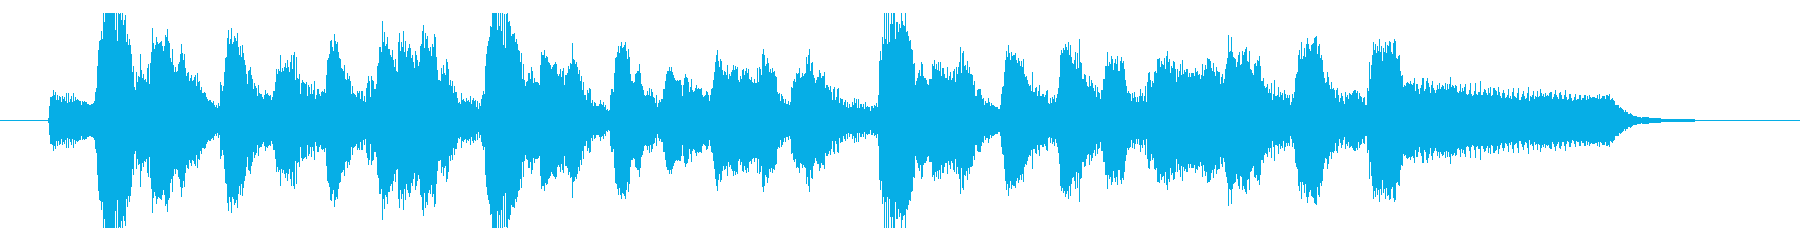 フルートとピアノによるオシャレなジングルの再生済みの波形